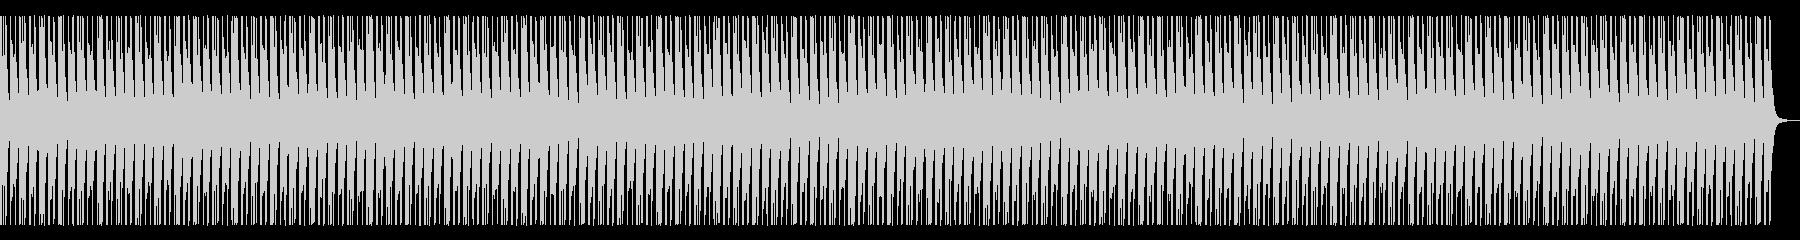 工場的ビート2の未再生の波形